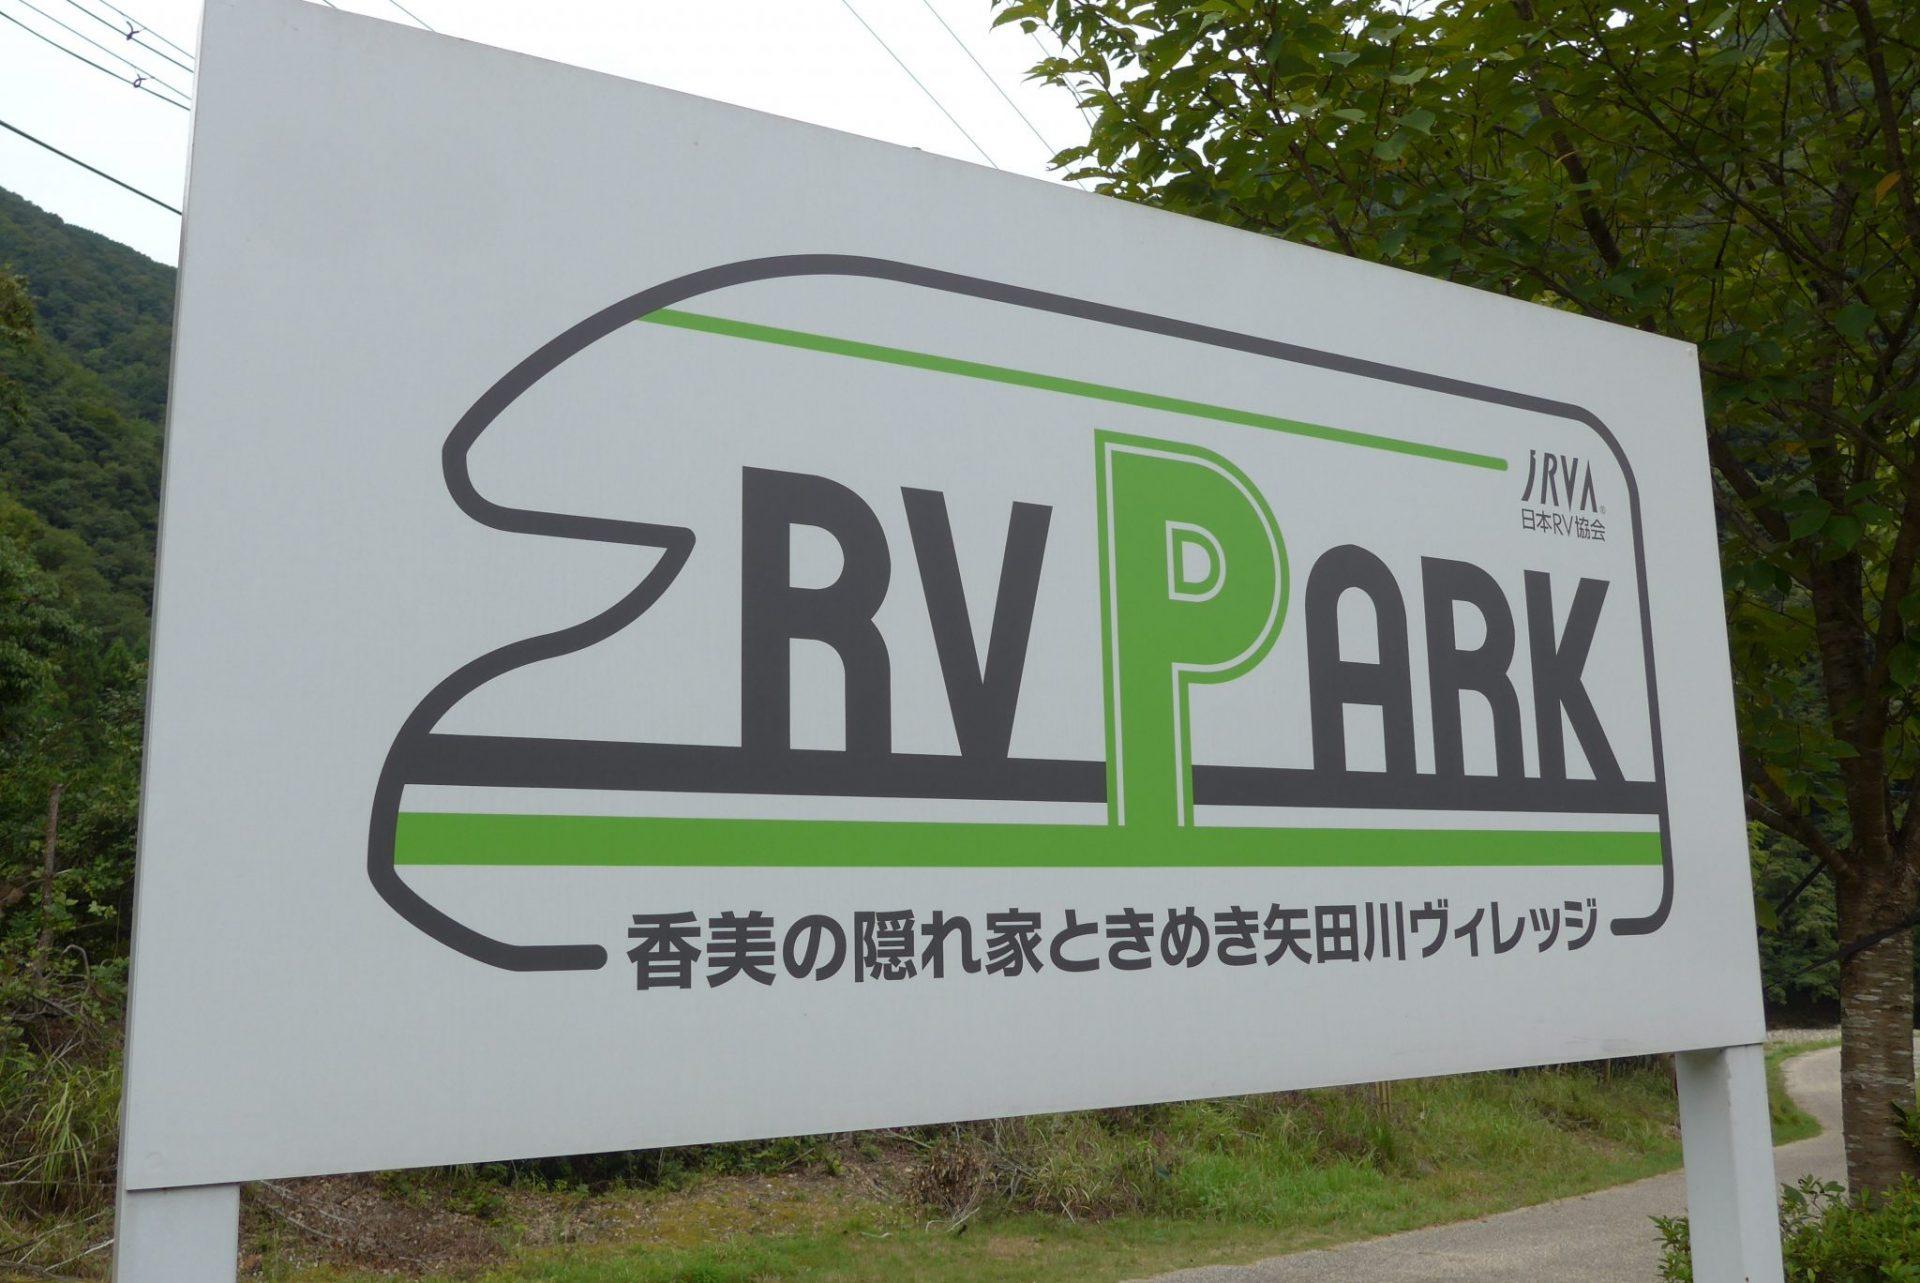 (K)道の駅矢田川は車中仮眠泊に最適!RVパークも併設